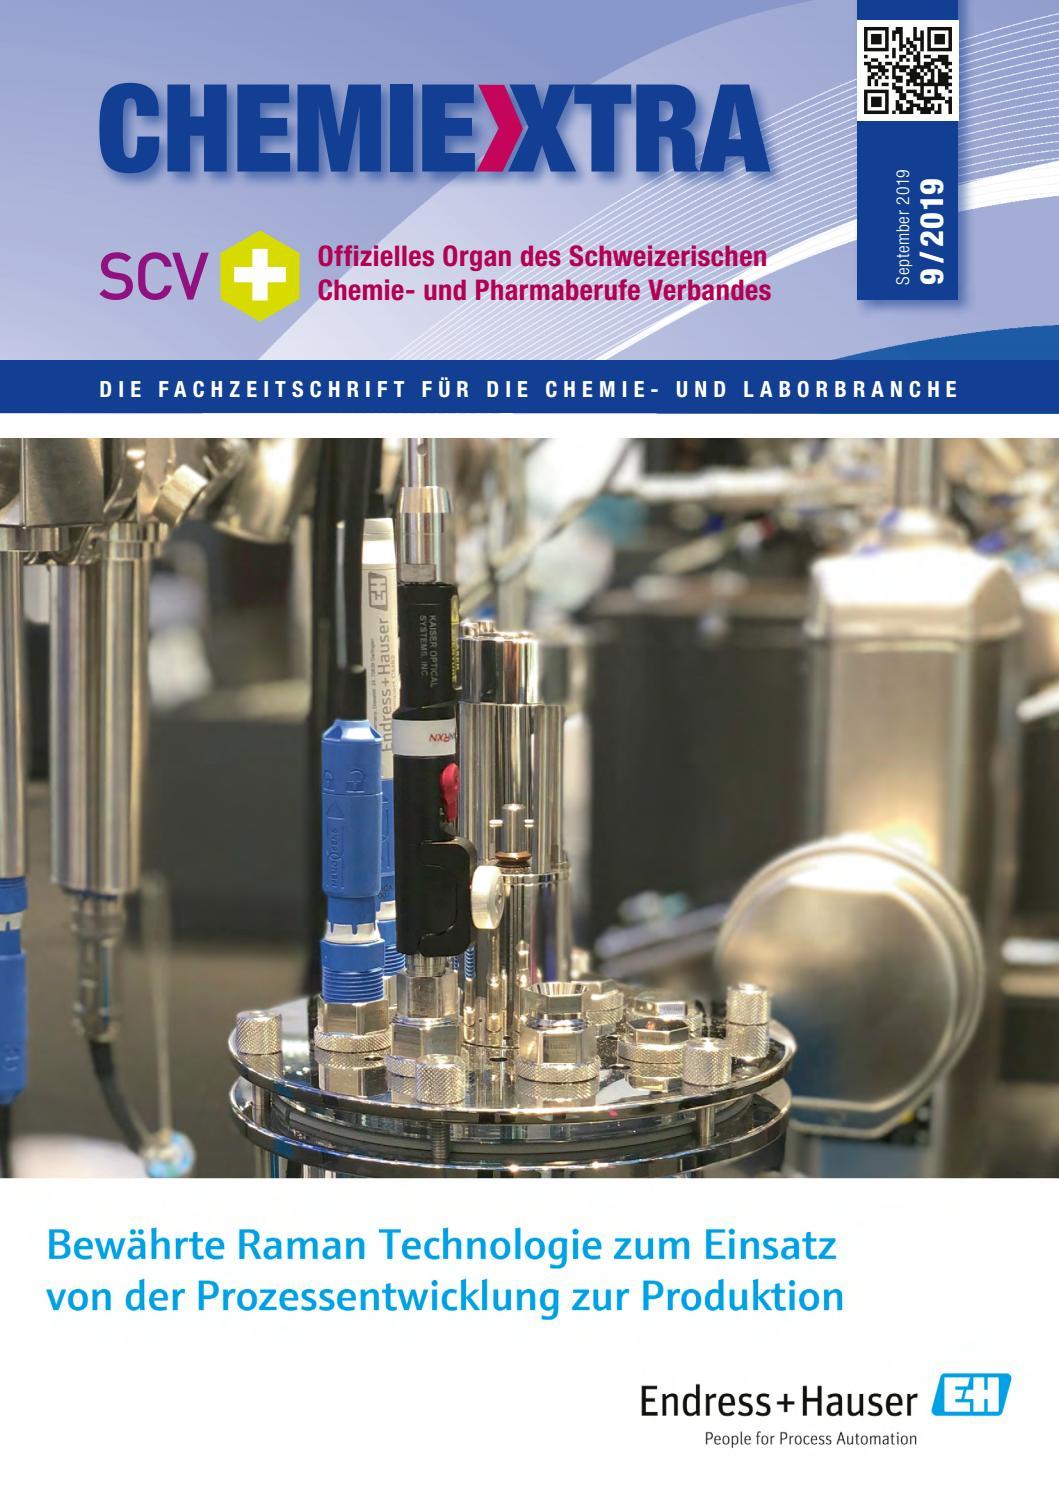 Bericht über die Korrosion des Stahlgewichtsanalyse-Labors